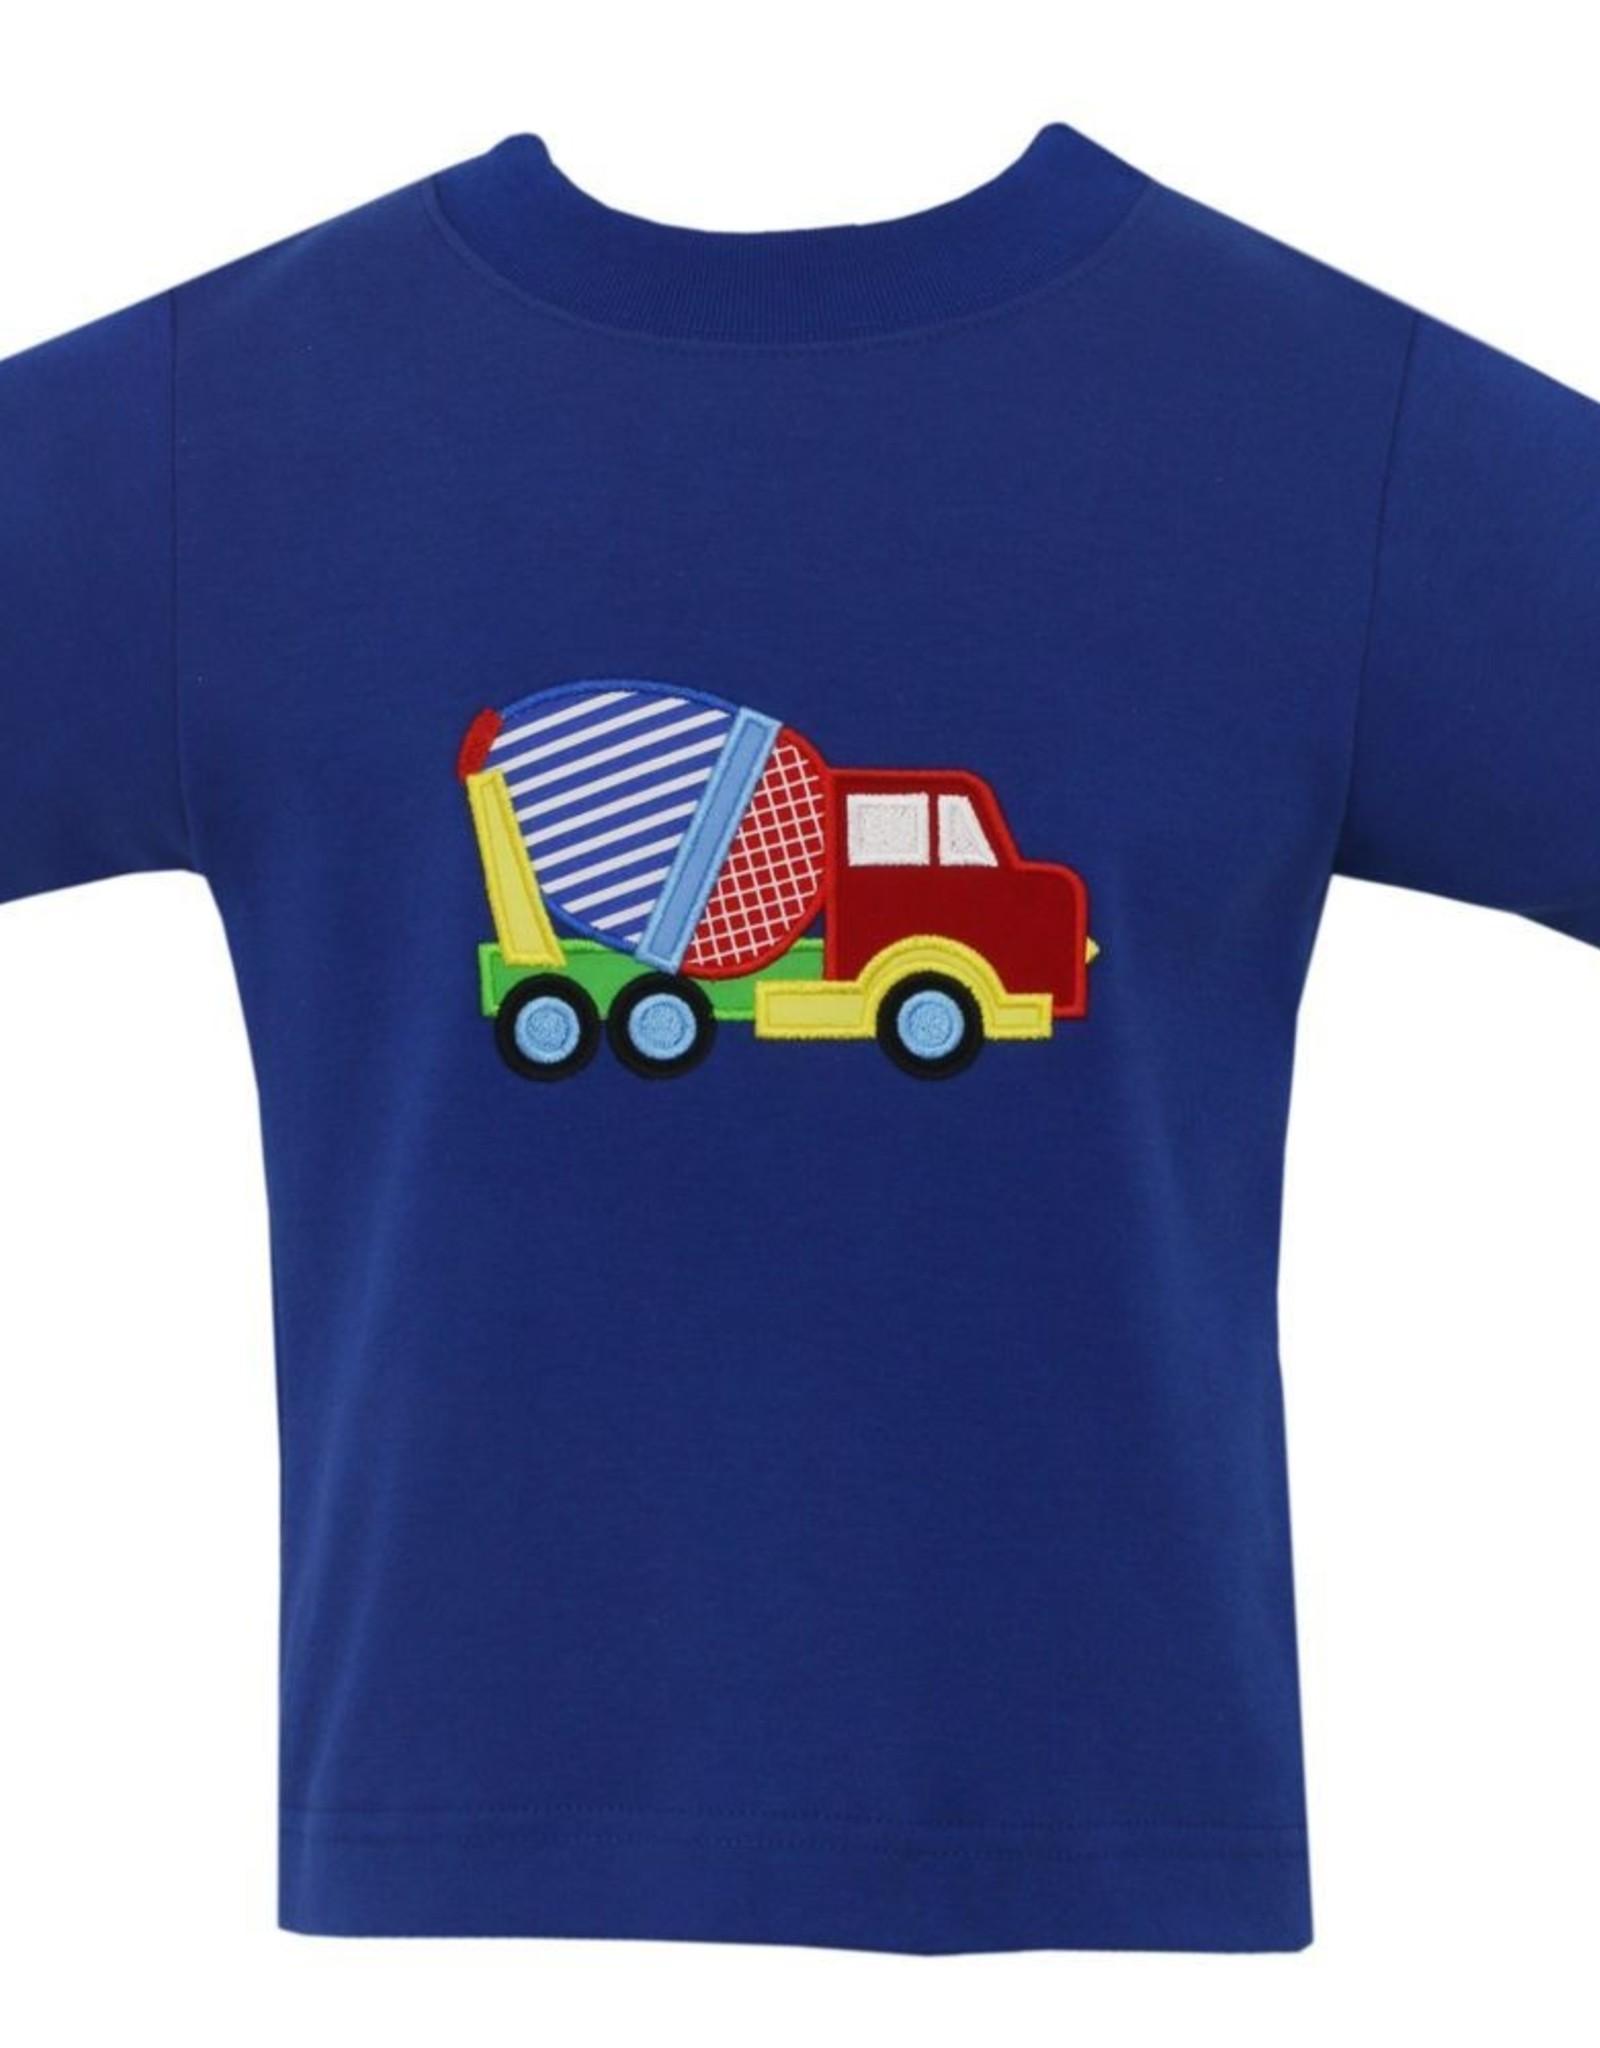 Claire and Charlie Concrete Mixer Applique Shirt Royal Blue